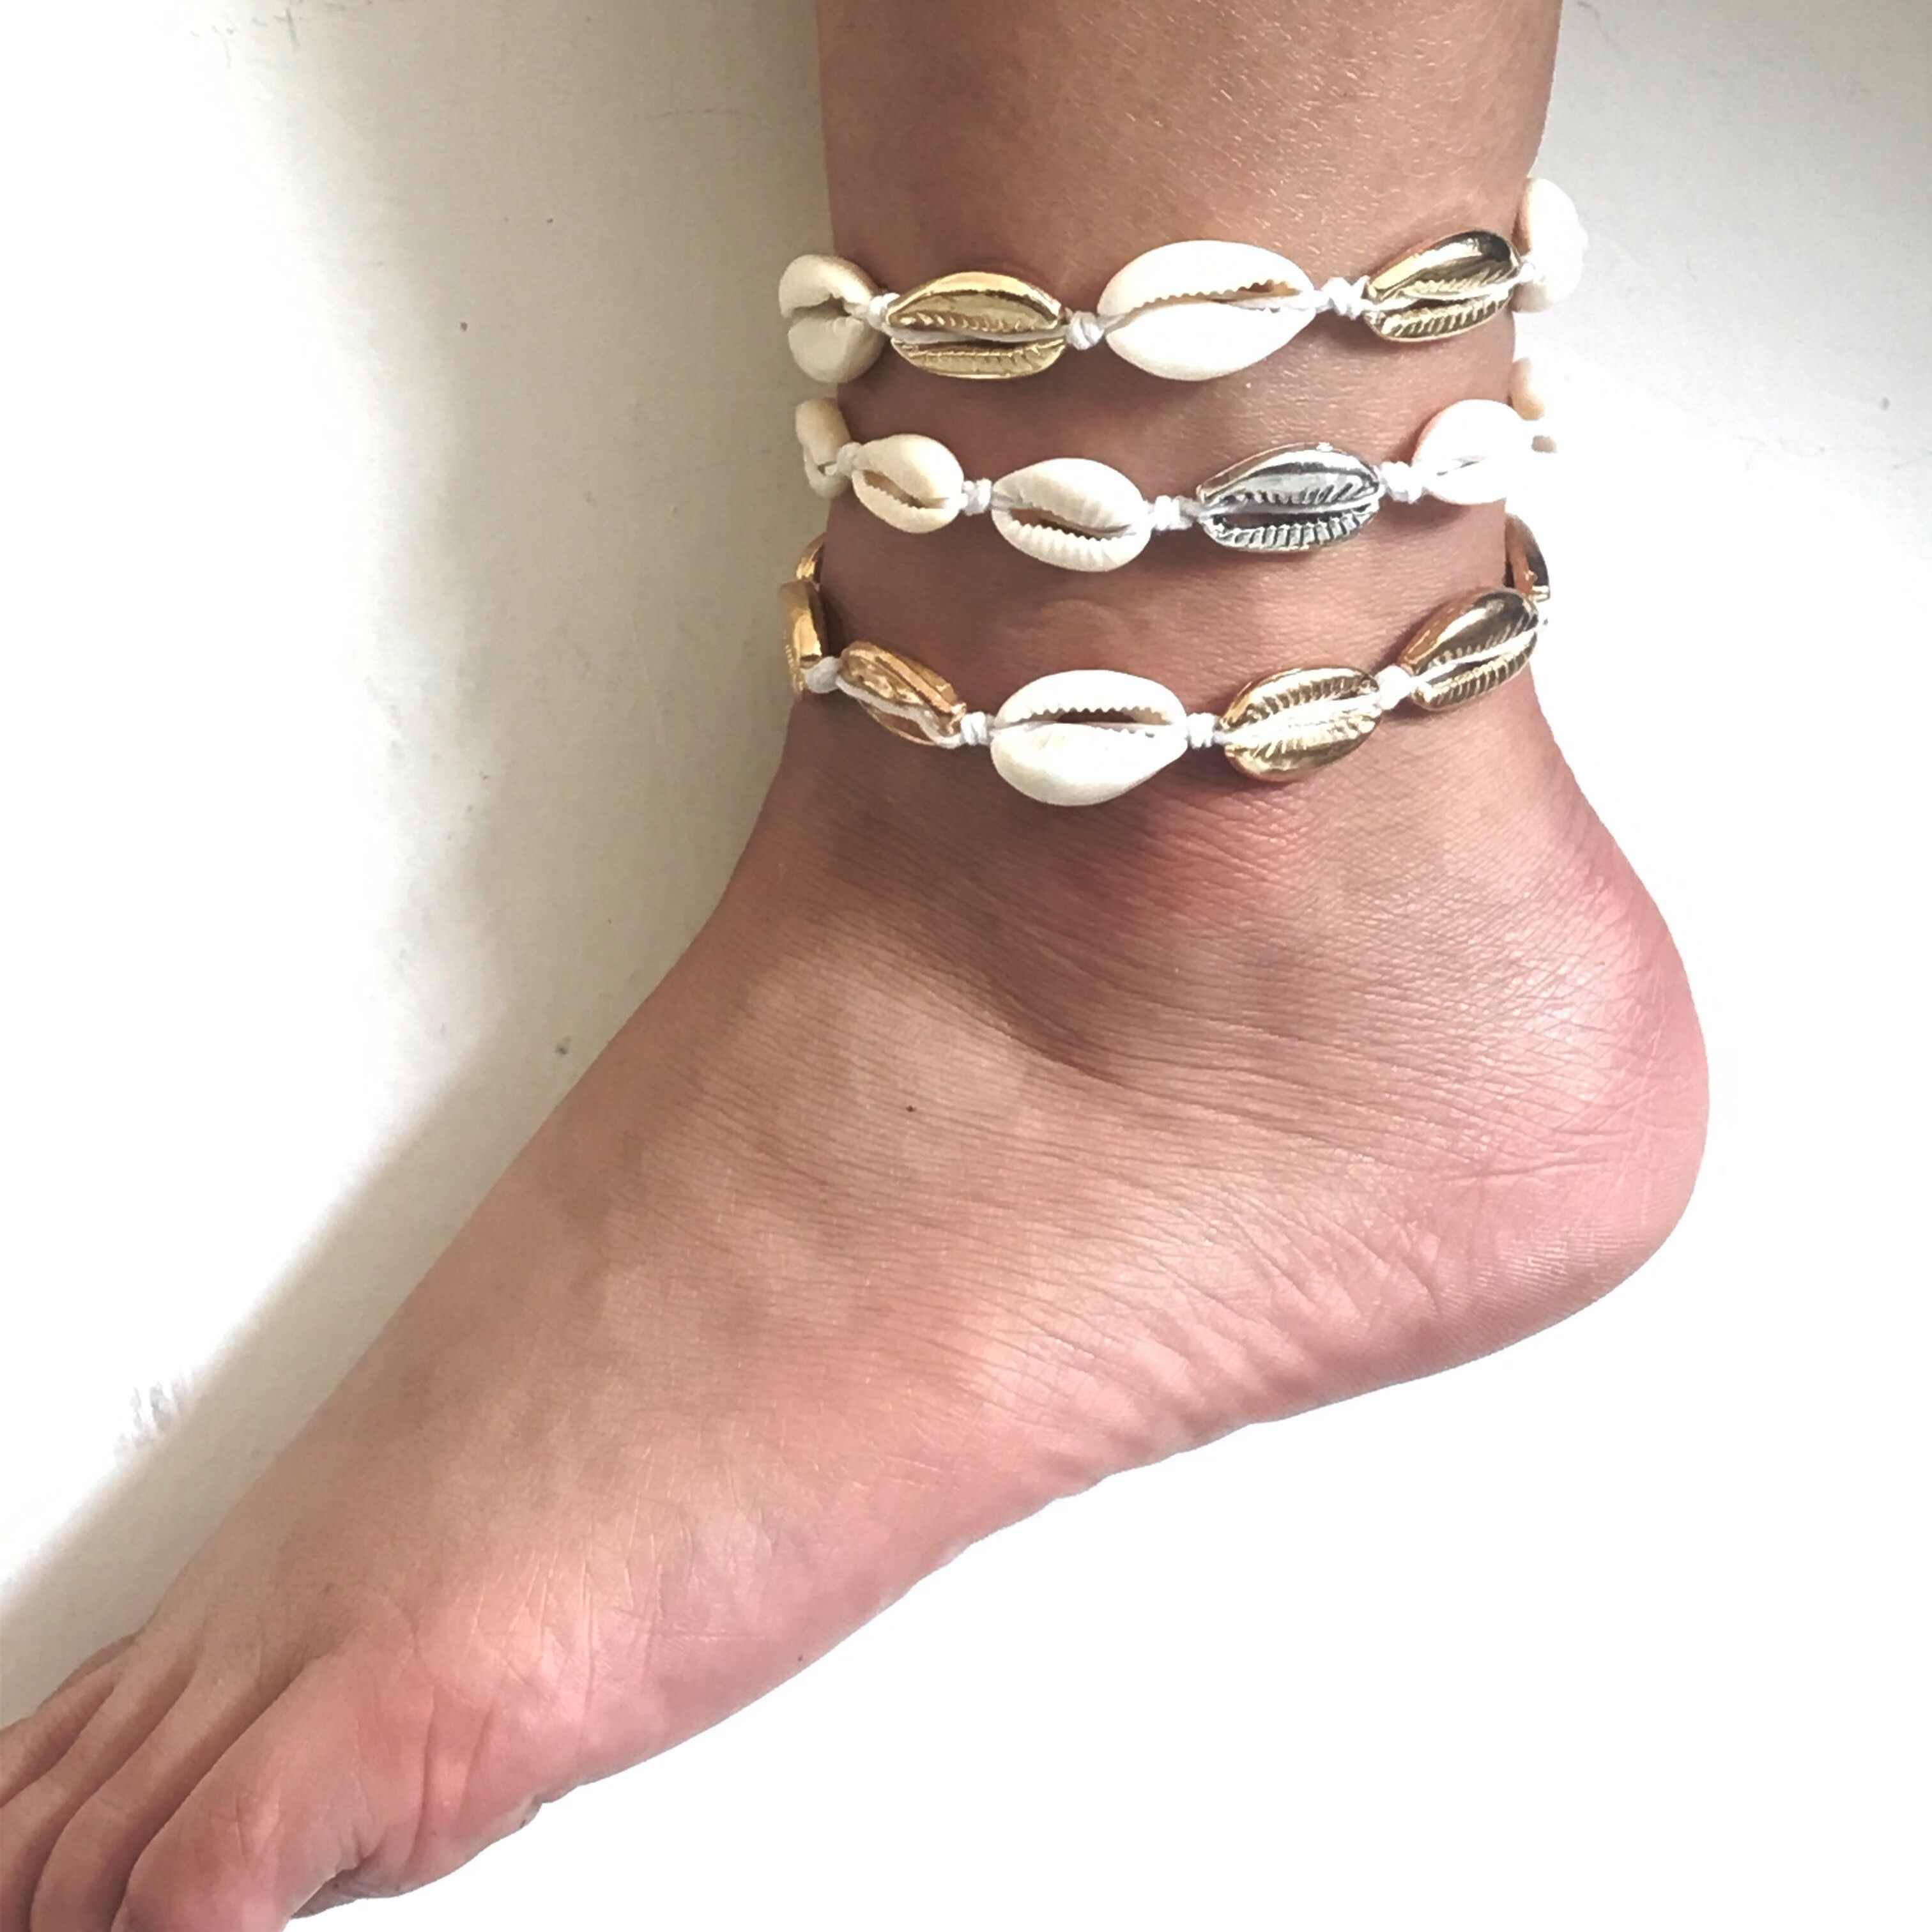 Женские браслеты для щиколотки в виде ракушки бижутерия для ног Летний Пляжный браслет со ступнями ног лодыжки на лодыжке ремешок на лодыжке Богемные аксессуары в виде ракушки ножные браслеты